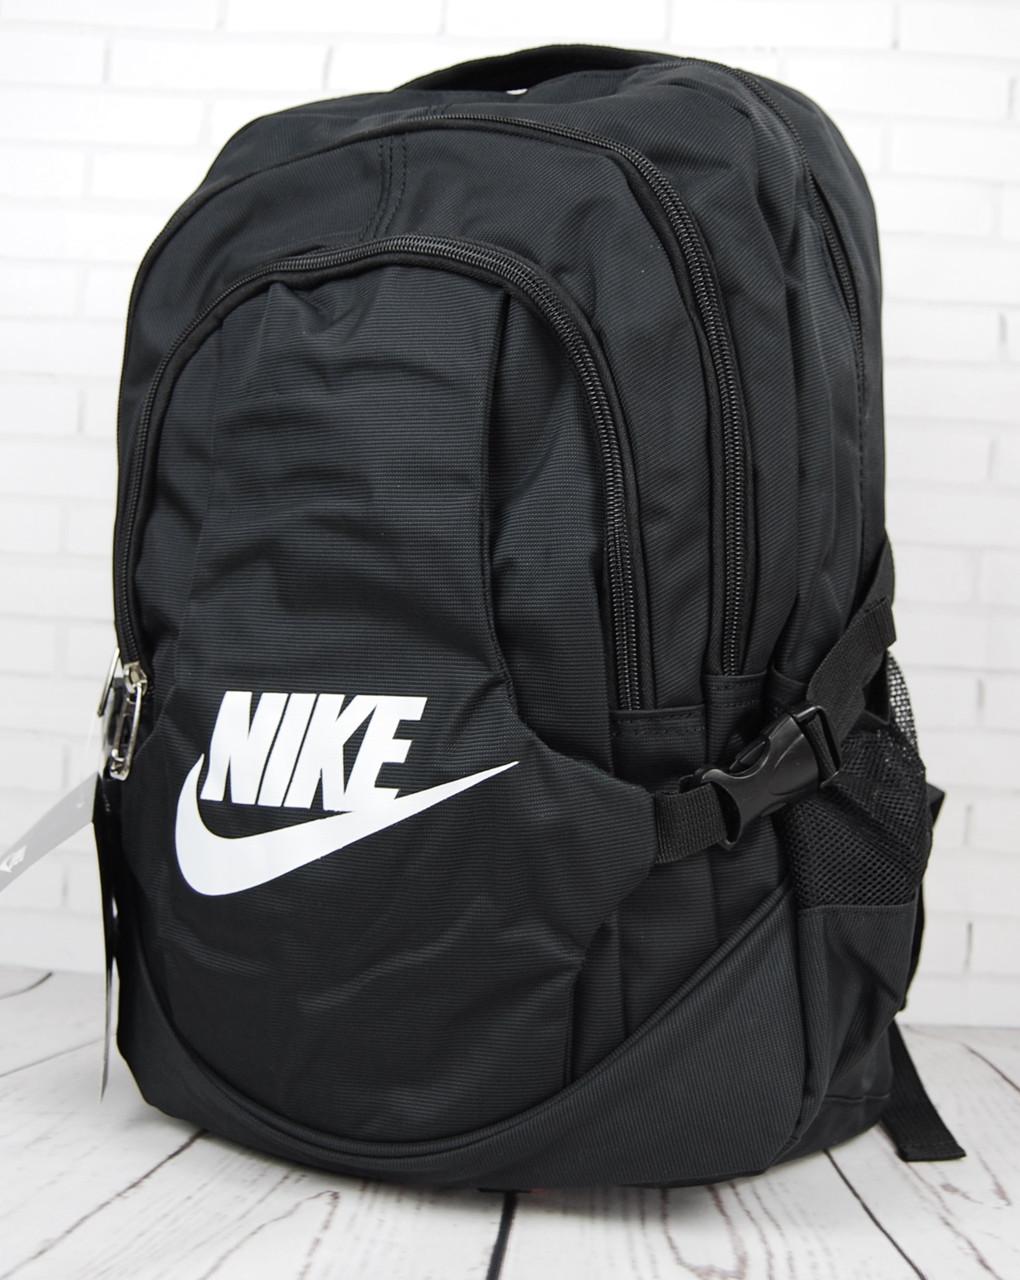 42927d20705c Прочный, качественный мужской рюкзак- портфель Nike. Спортивный рюкзак  Найк. РК14